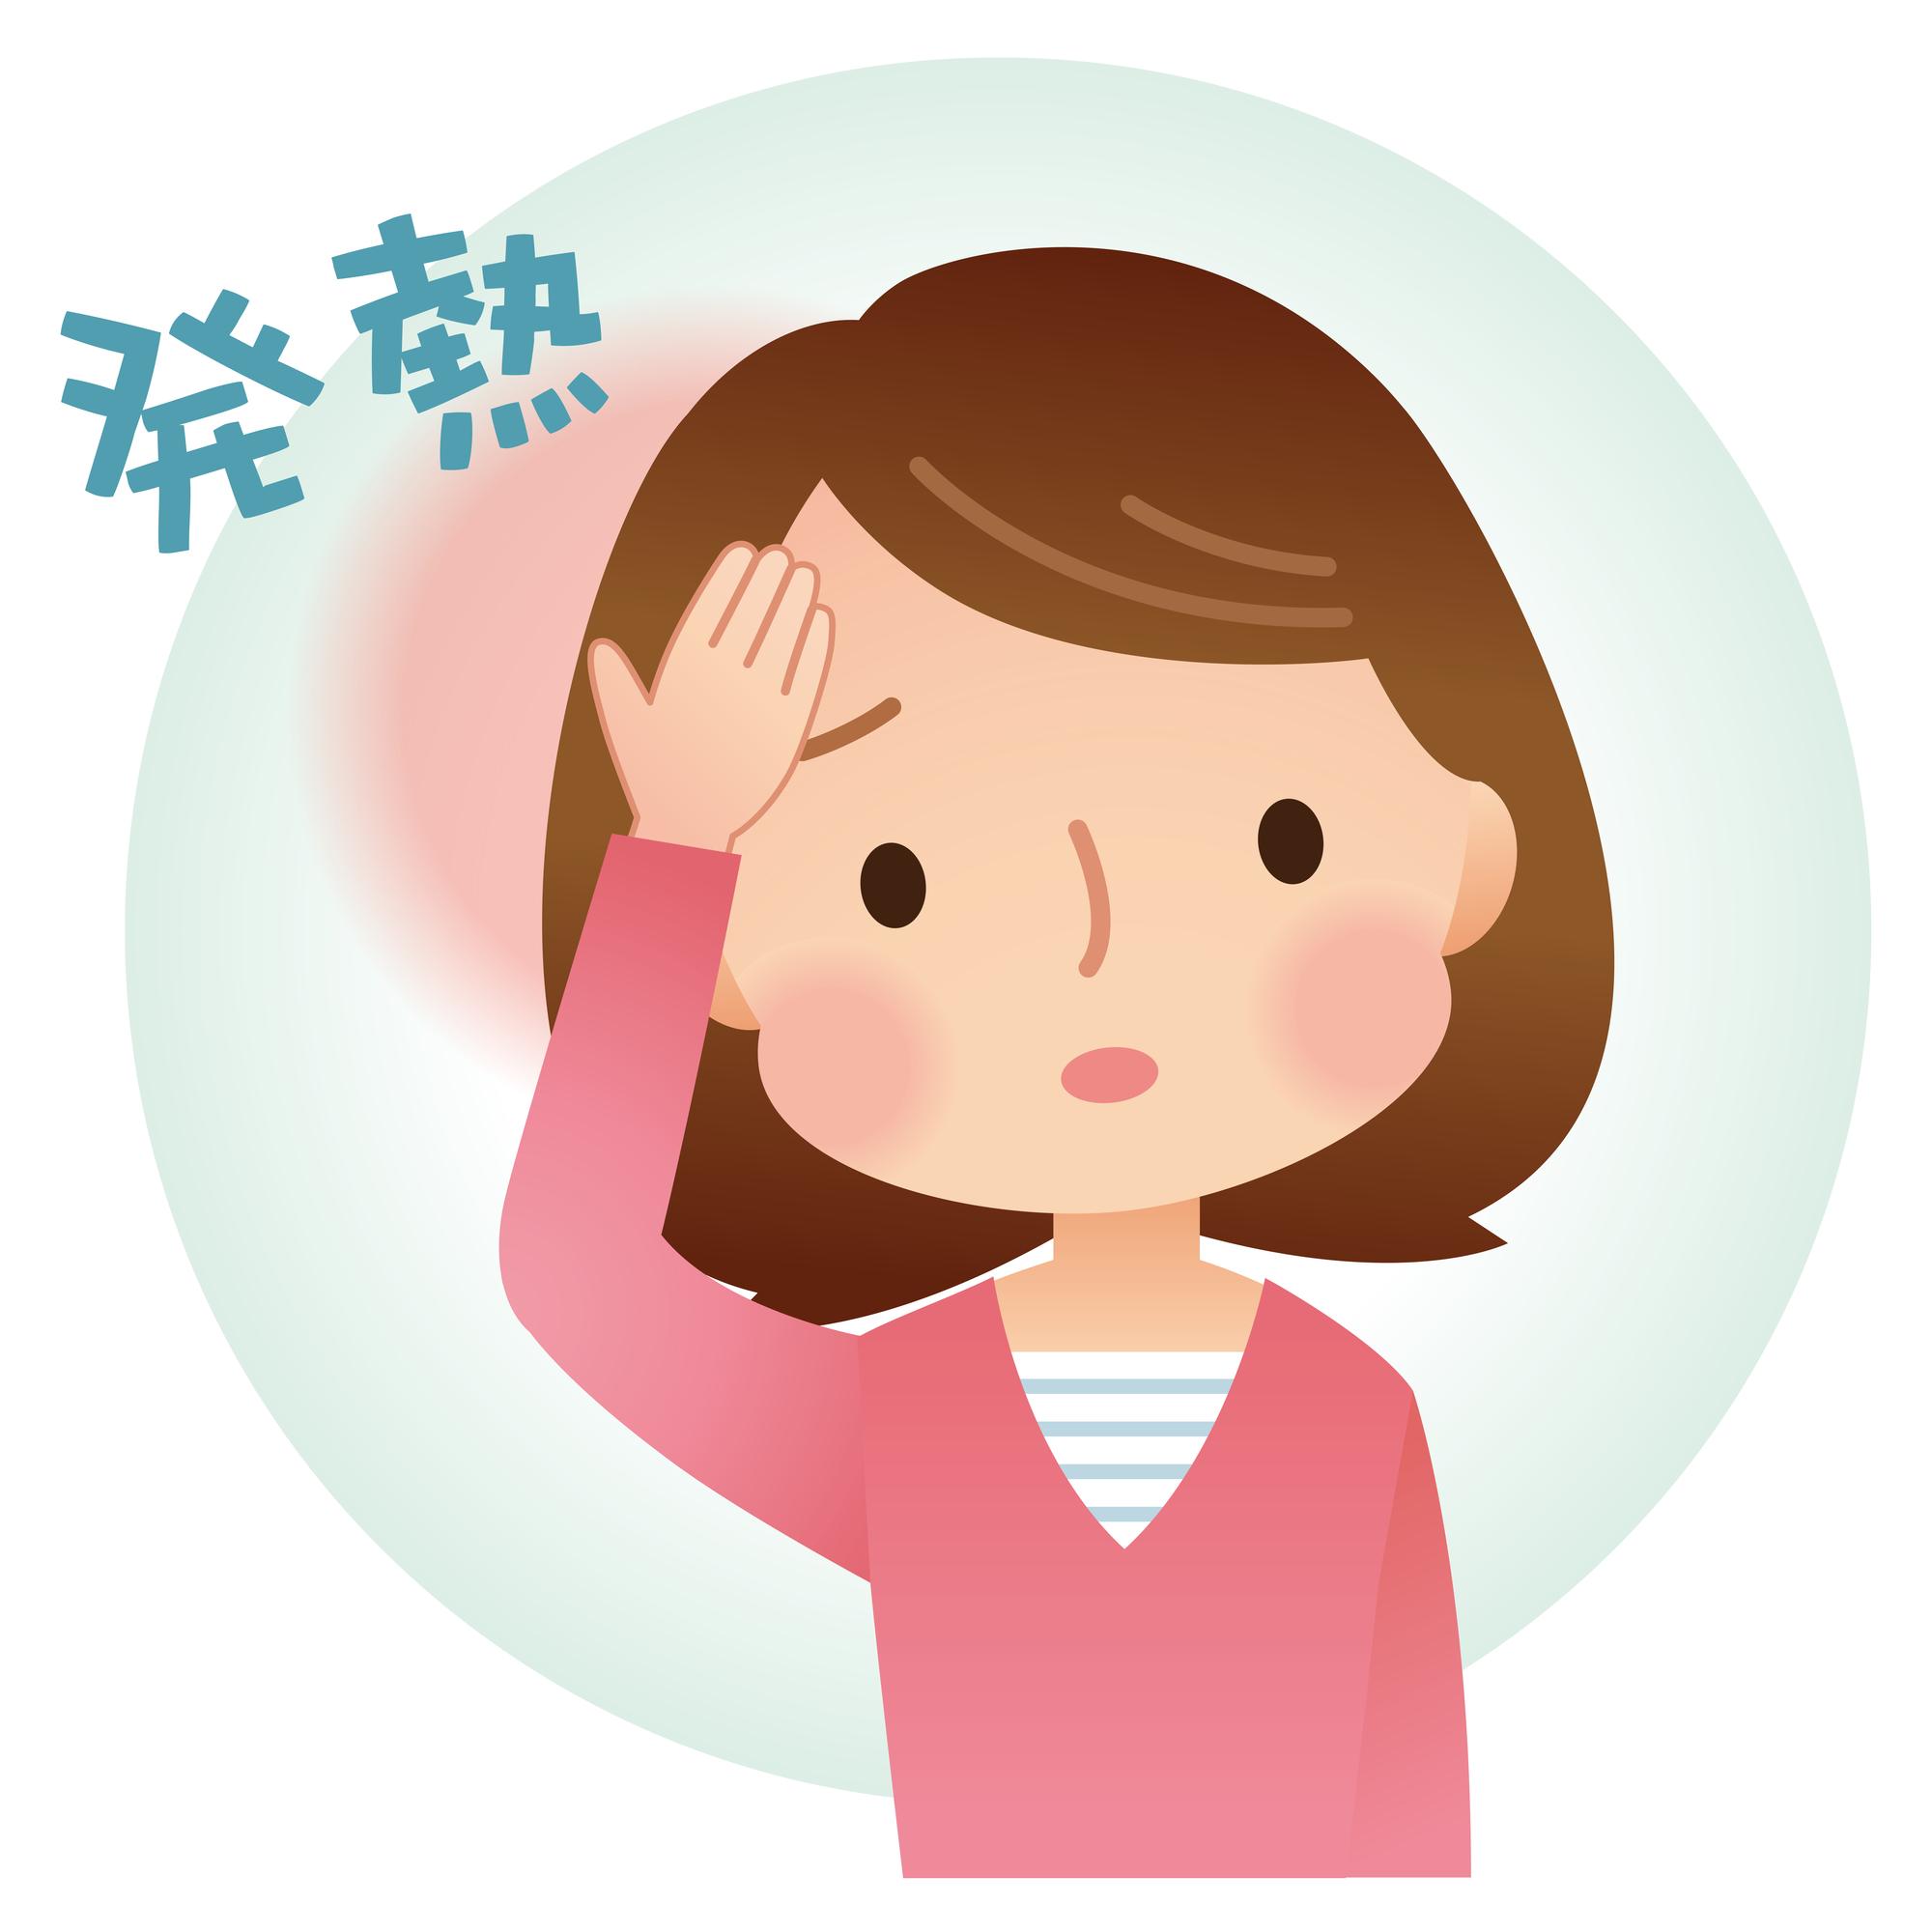 【医師監修】悪性リンパ腫の種類と考えられる発症原因とは ...